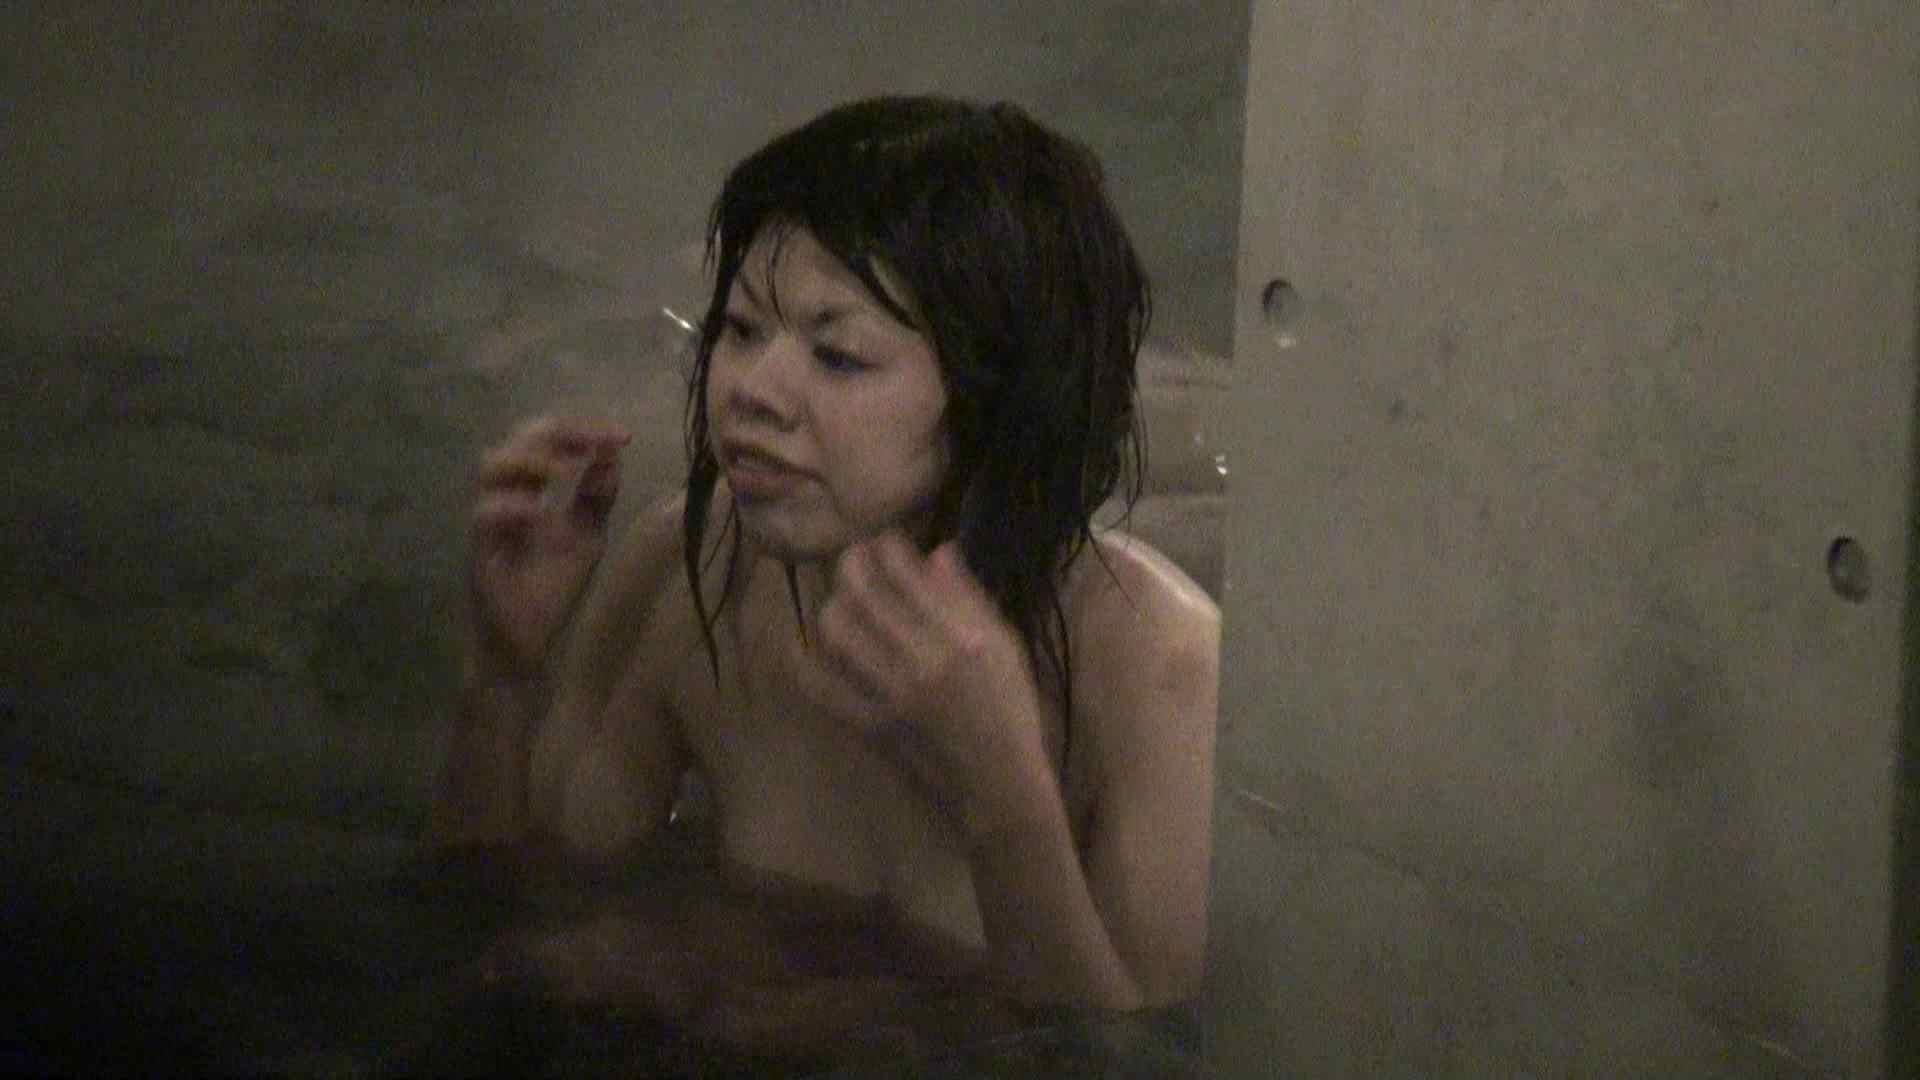 Aquaな露天風呂Vol.405 OLのエロ生活 ぱこり動画紹介 71連発 50